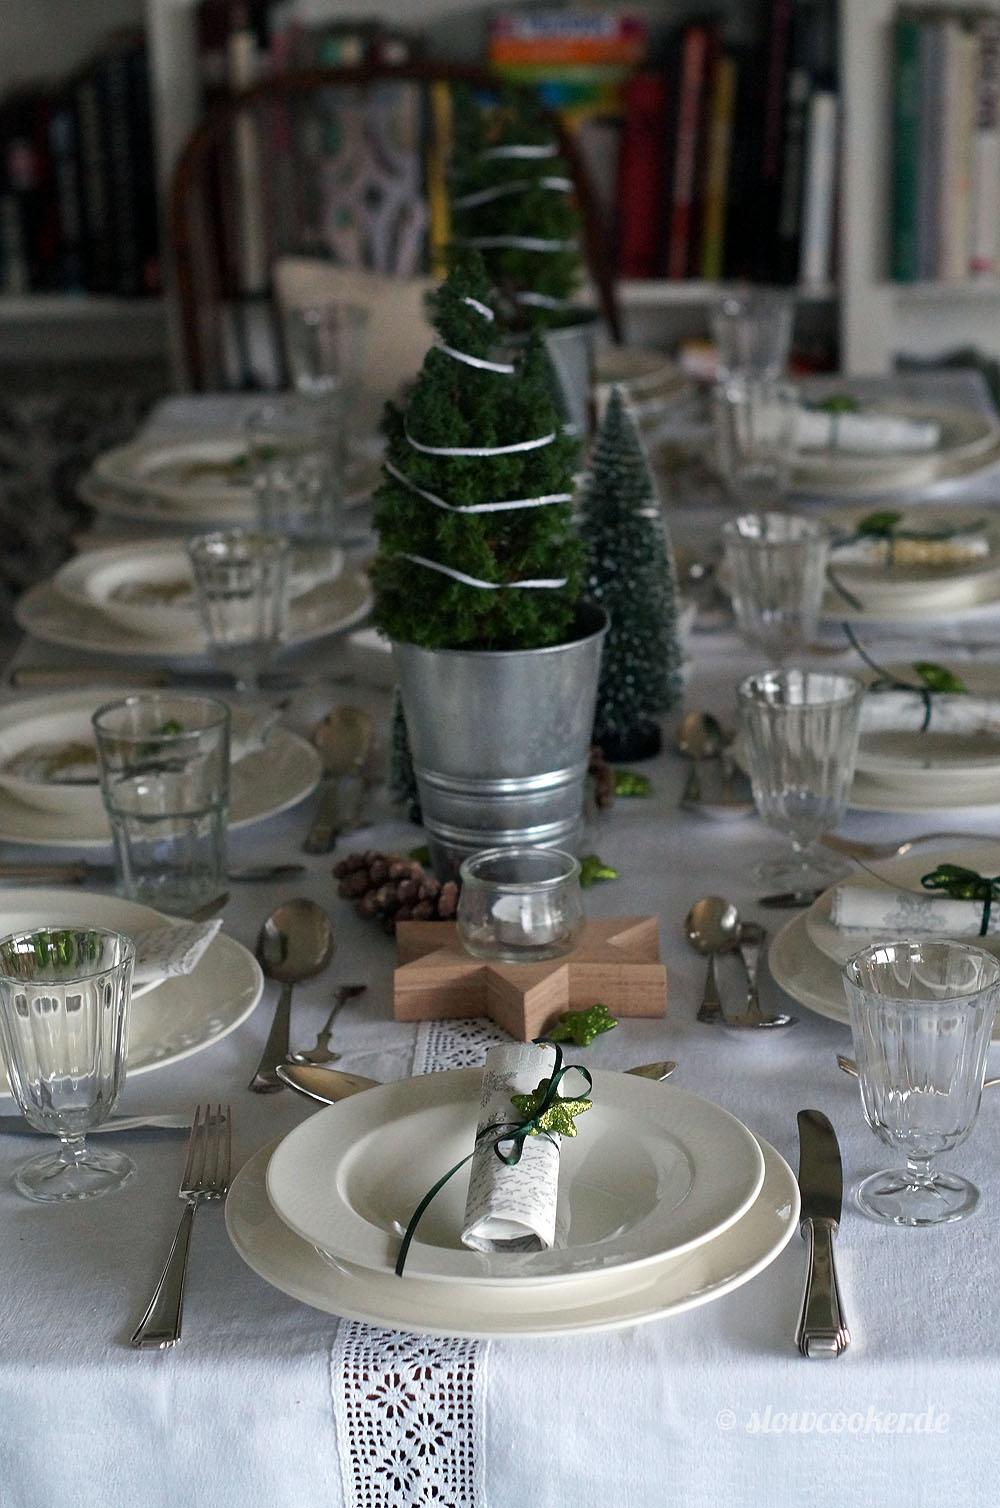 Weihnachtsmenü 2017 - die Tischdekoration